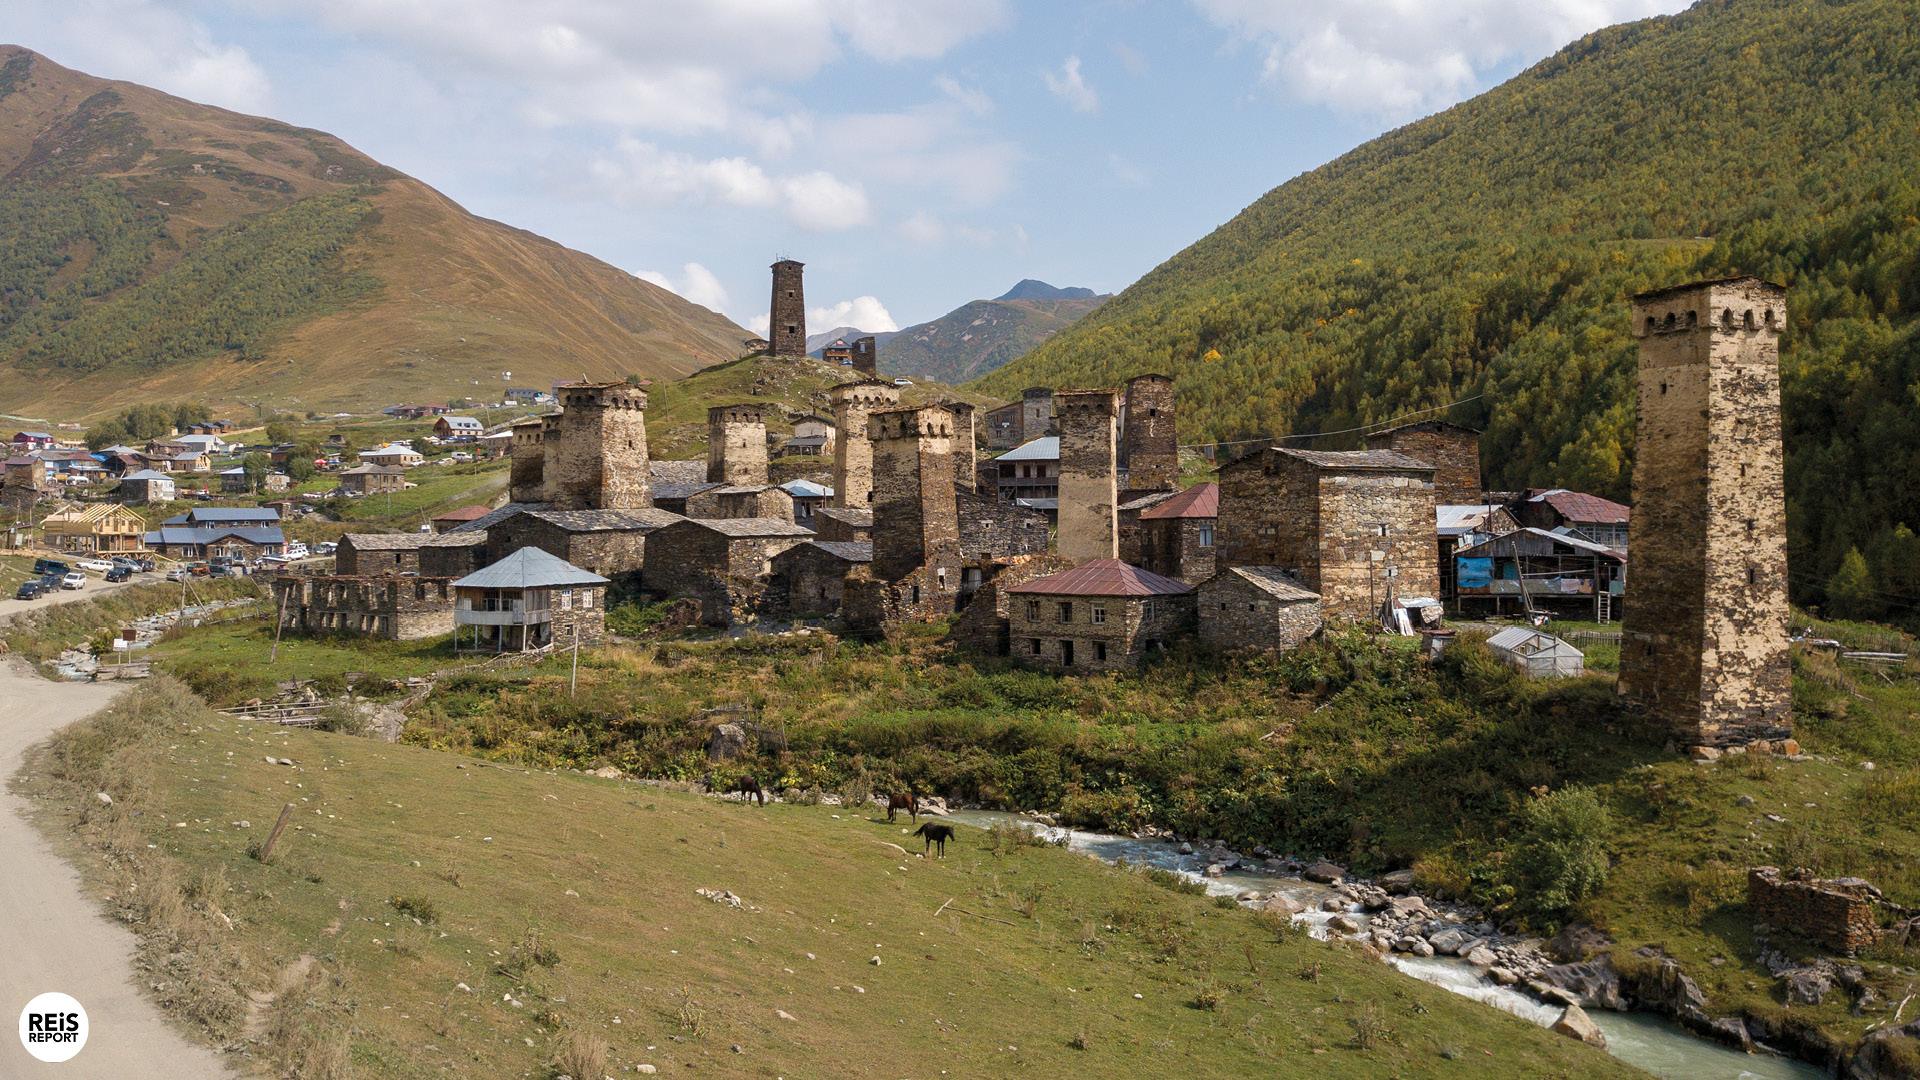 Ushguli, Georgië: hoogst bewoonde dorpje van Europa, Georgië